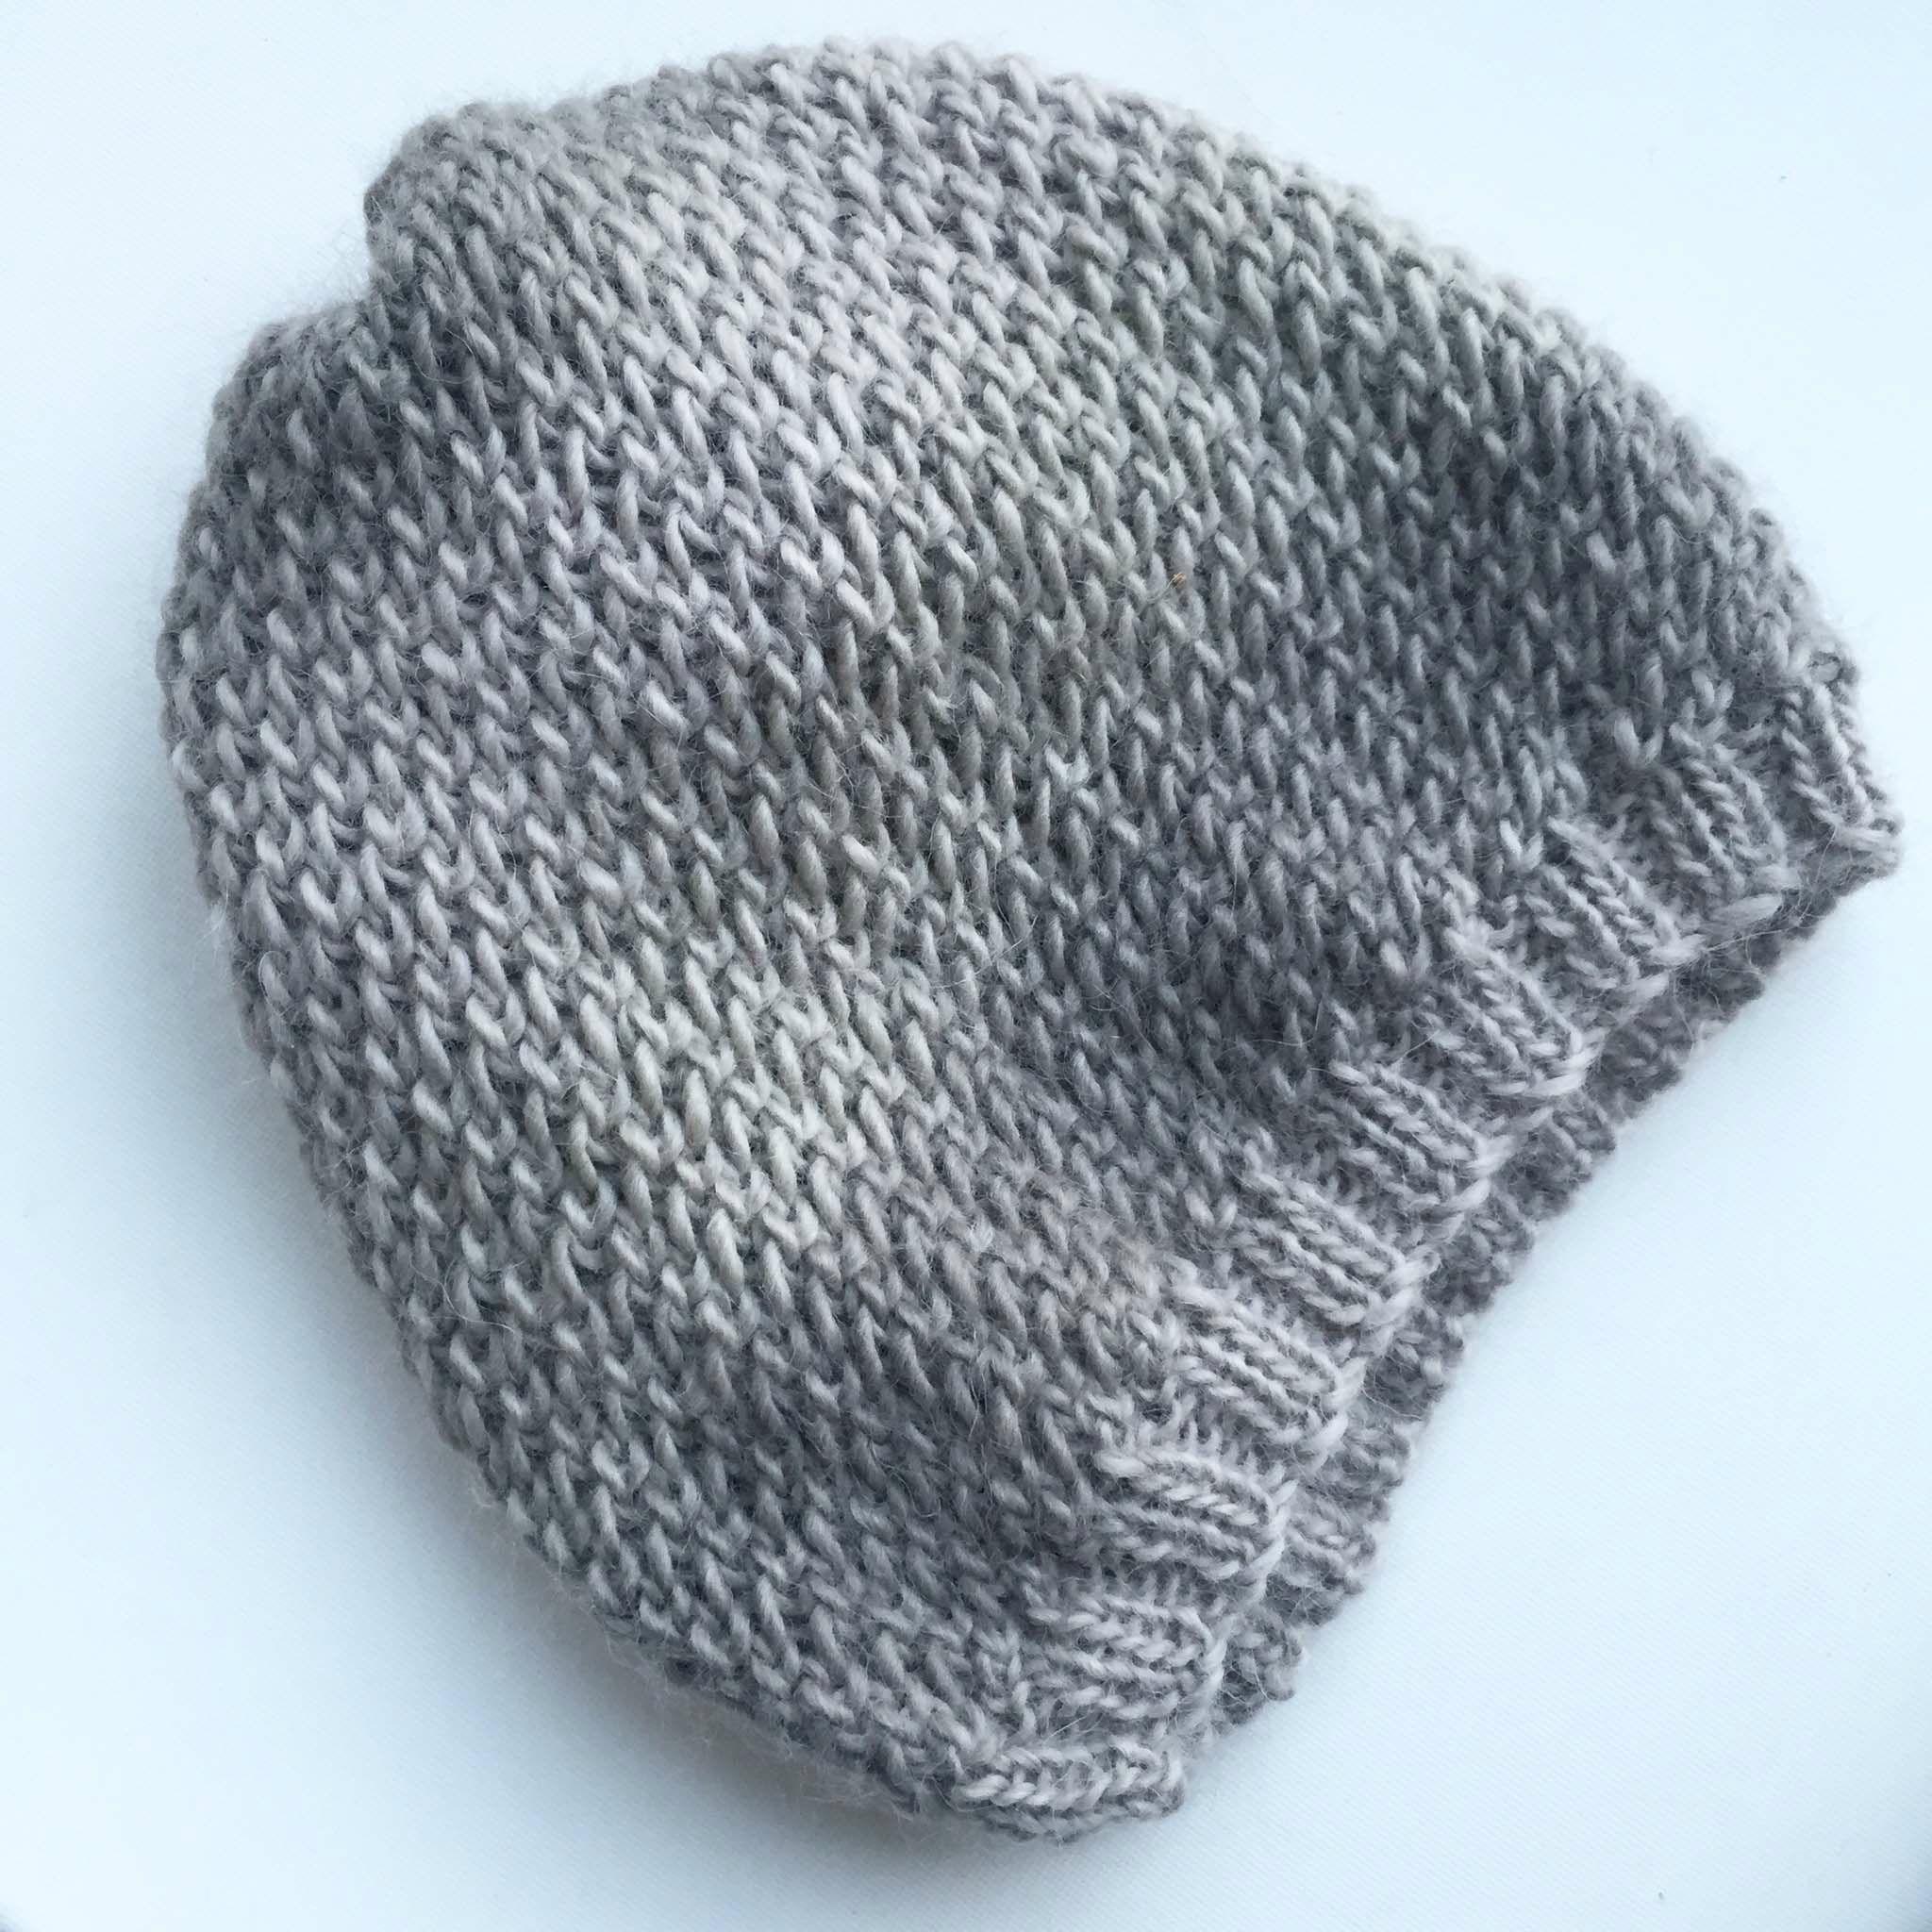 bonnet au point de filet tricot pinterest tricot bonnet et crochet. Black Bedroom Furniture Sets. Home Design Ideas